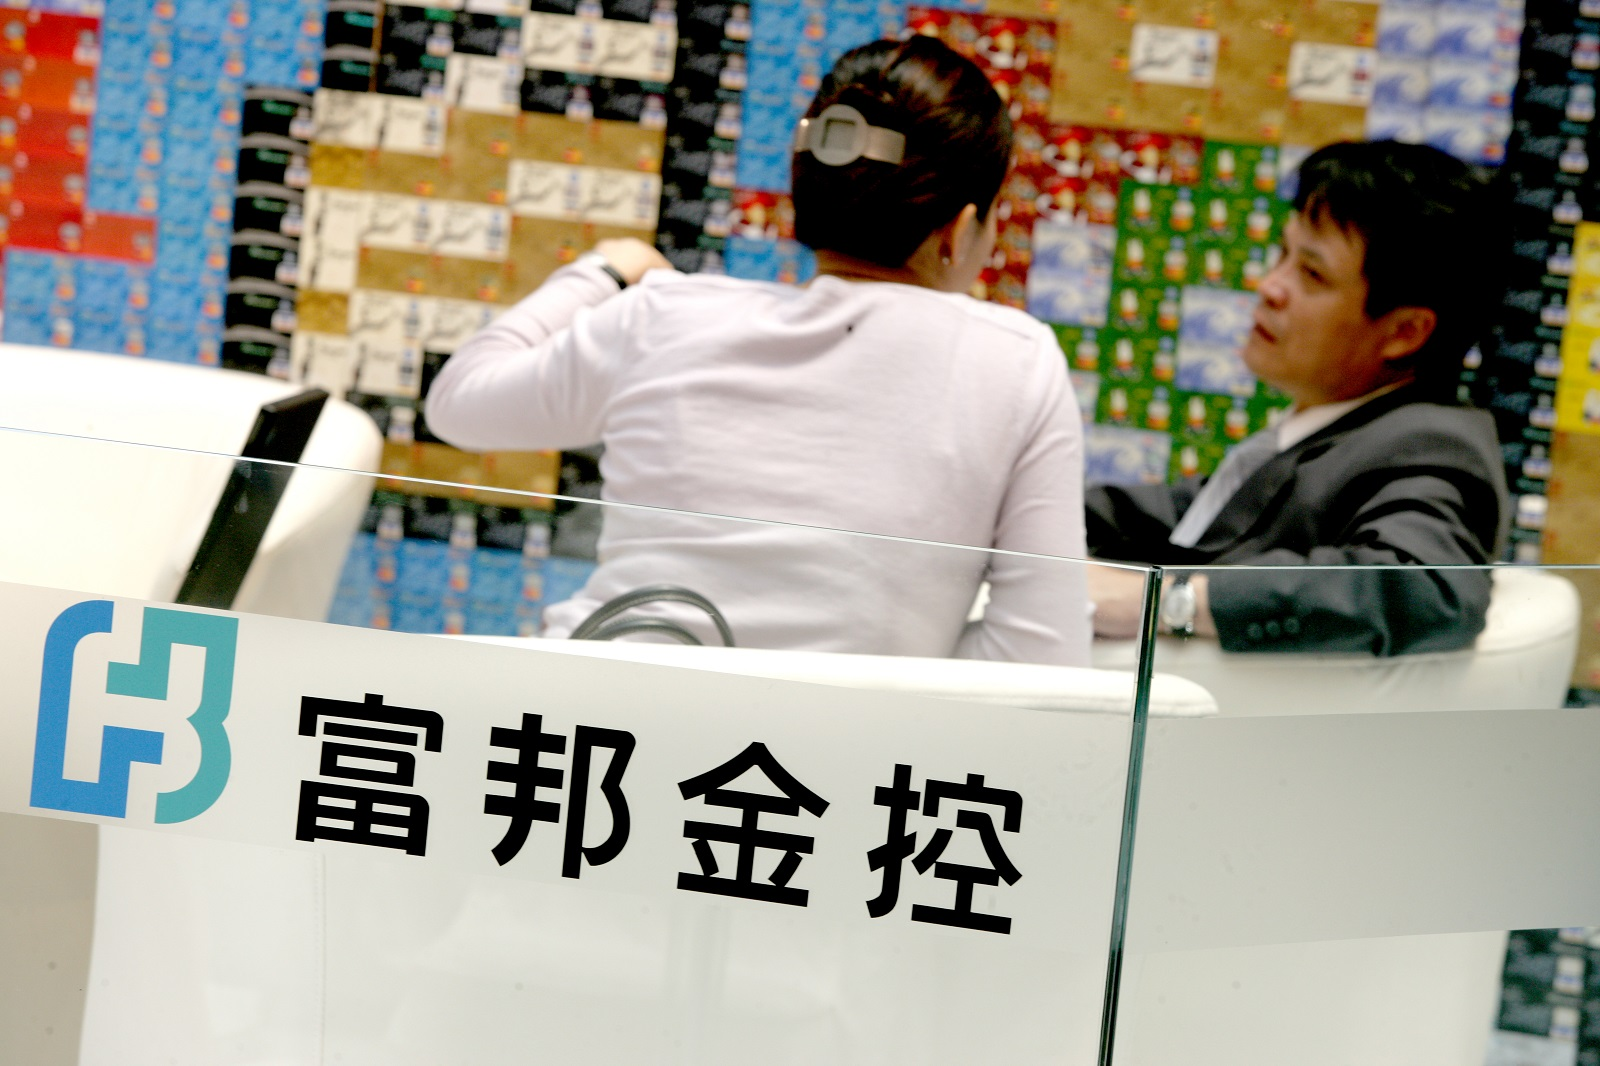 投資哈爾濱銀行被中國政府接管、深陷泥沼?富邦金發布聲明回應